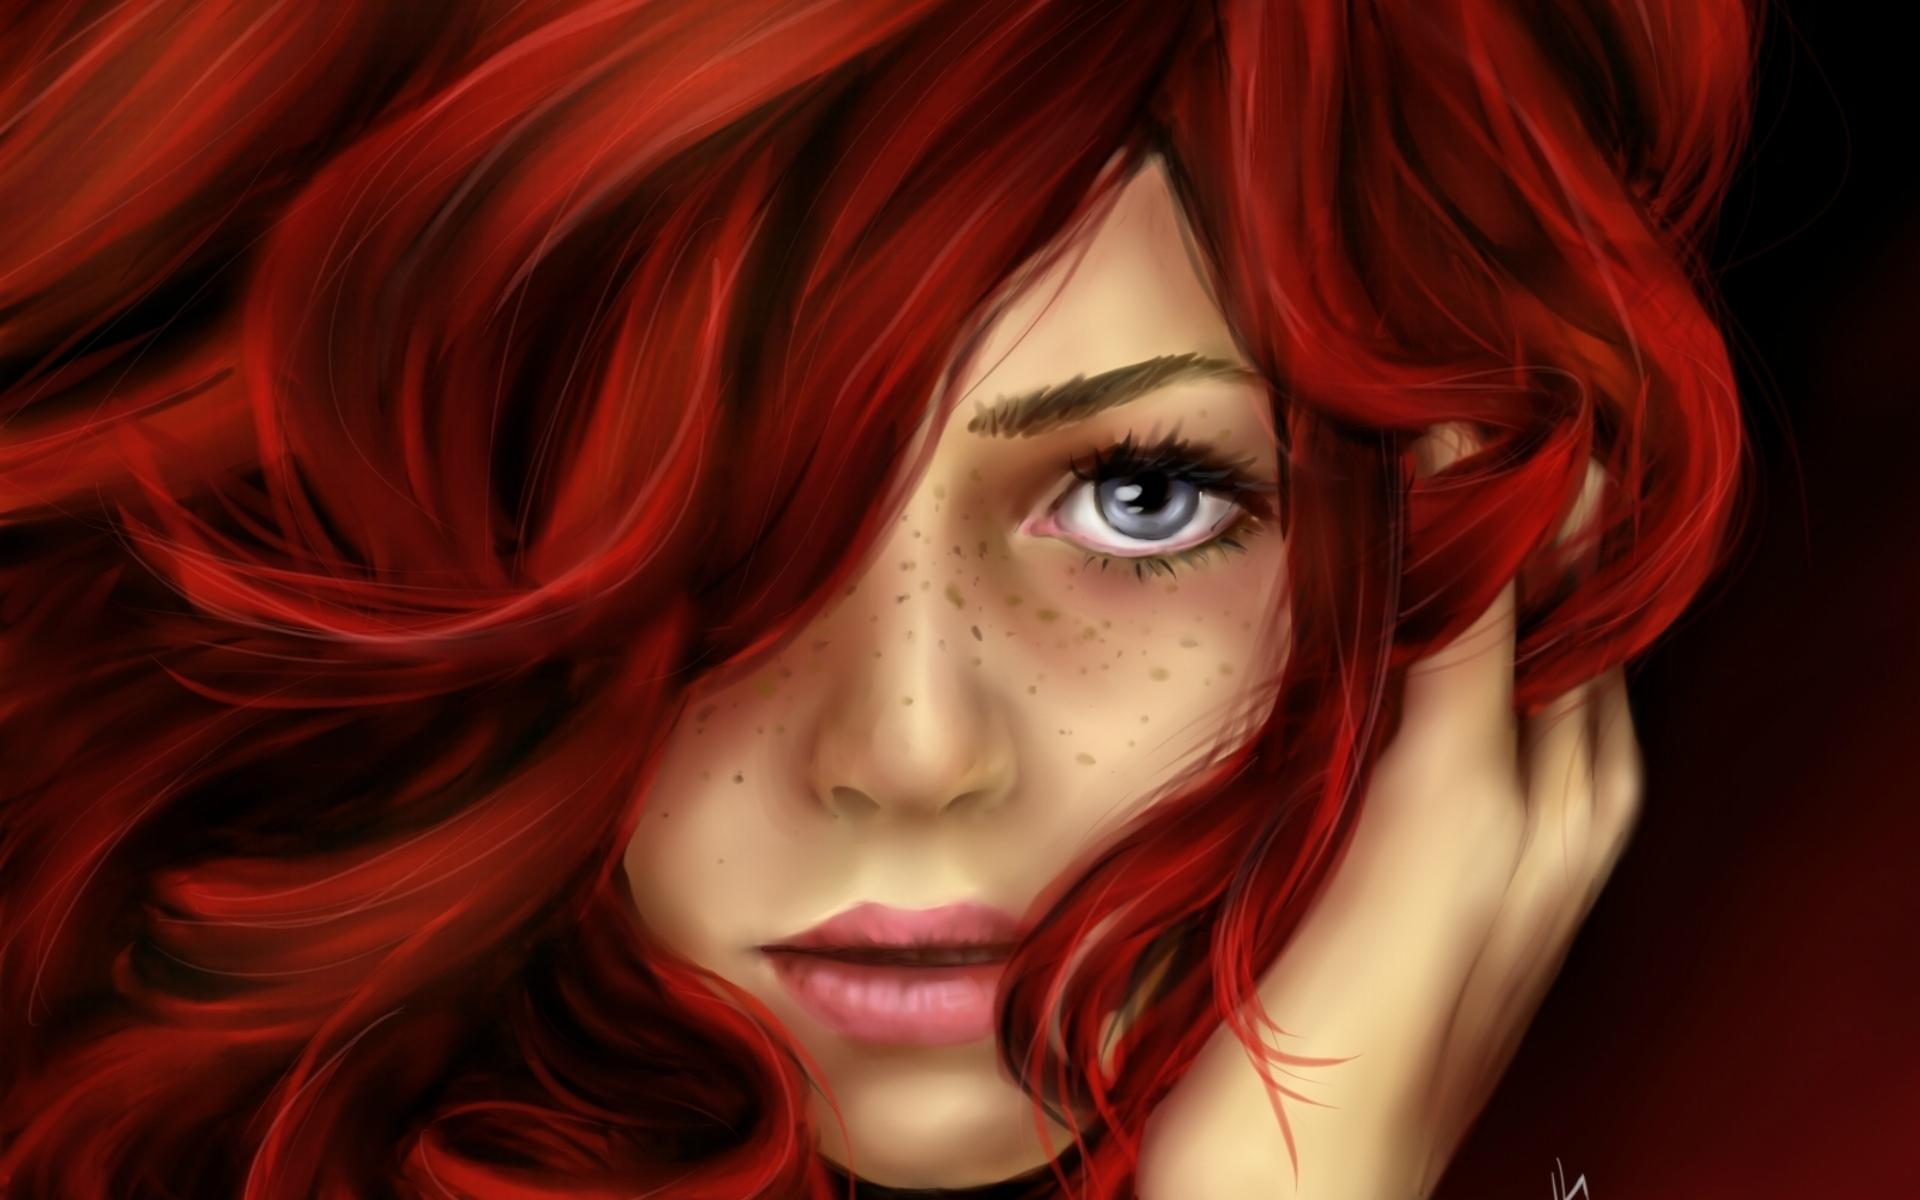 Черно белые картинки девушек с рыжими волосами 6 фотография